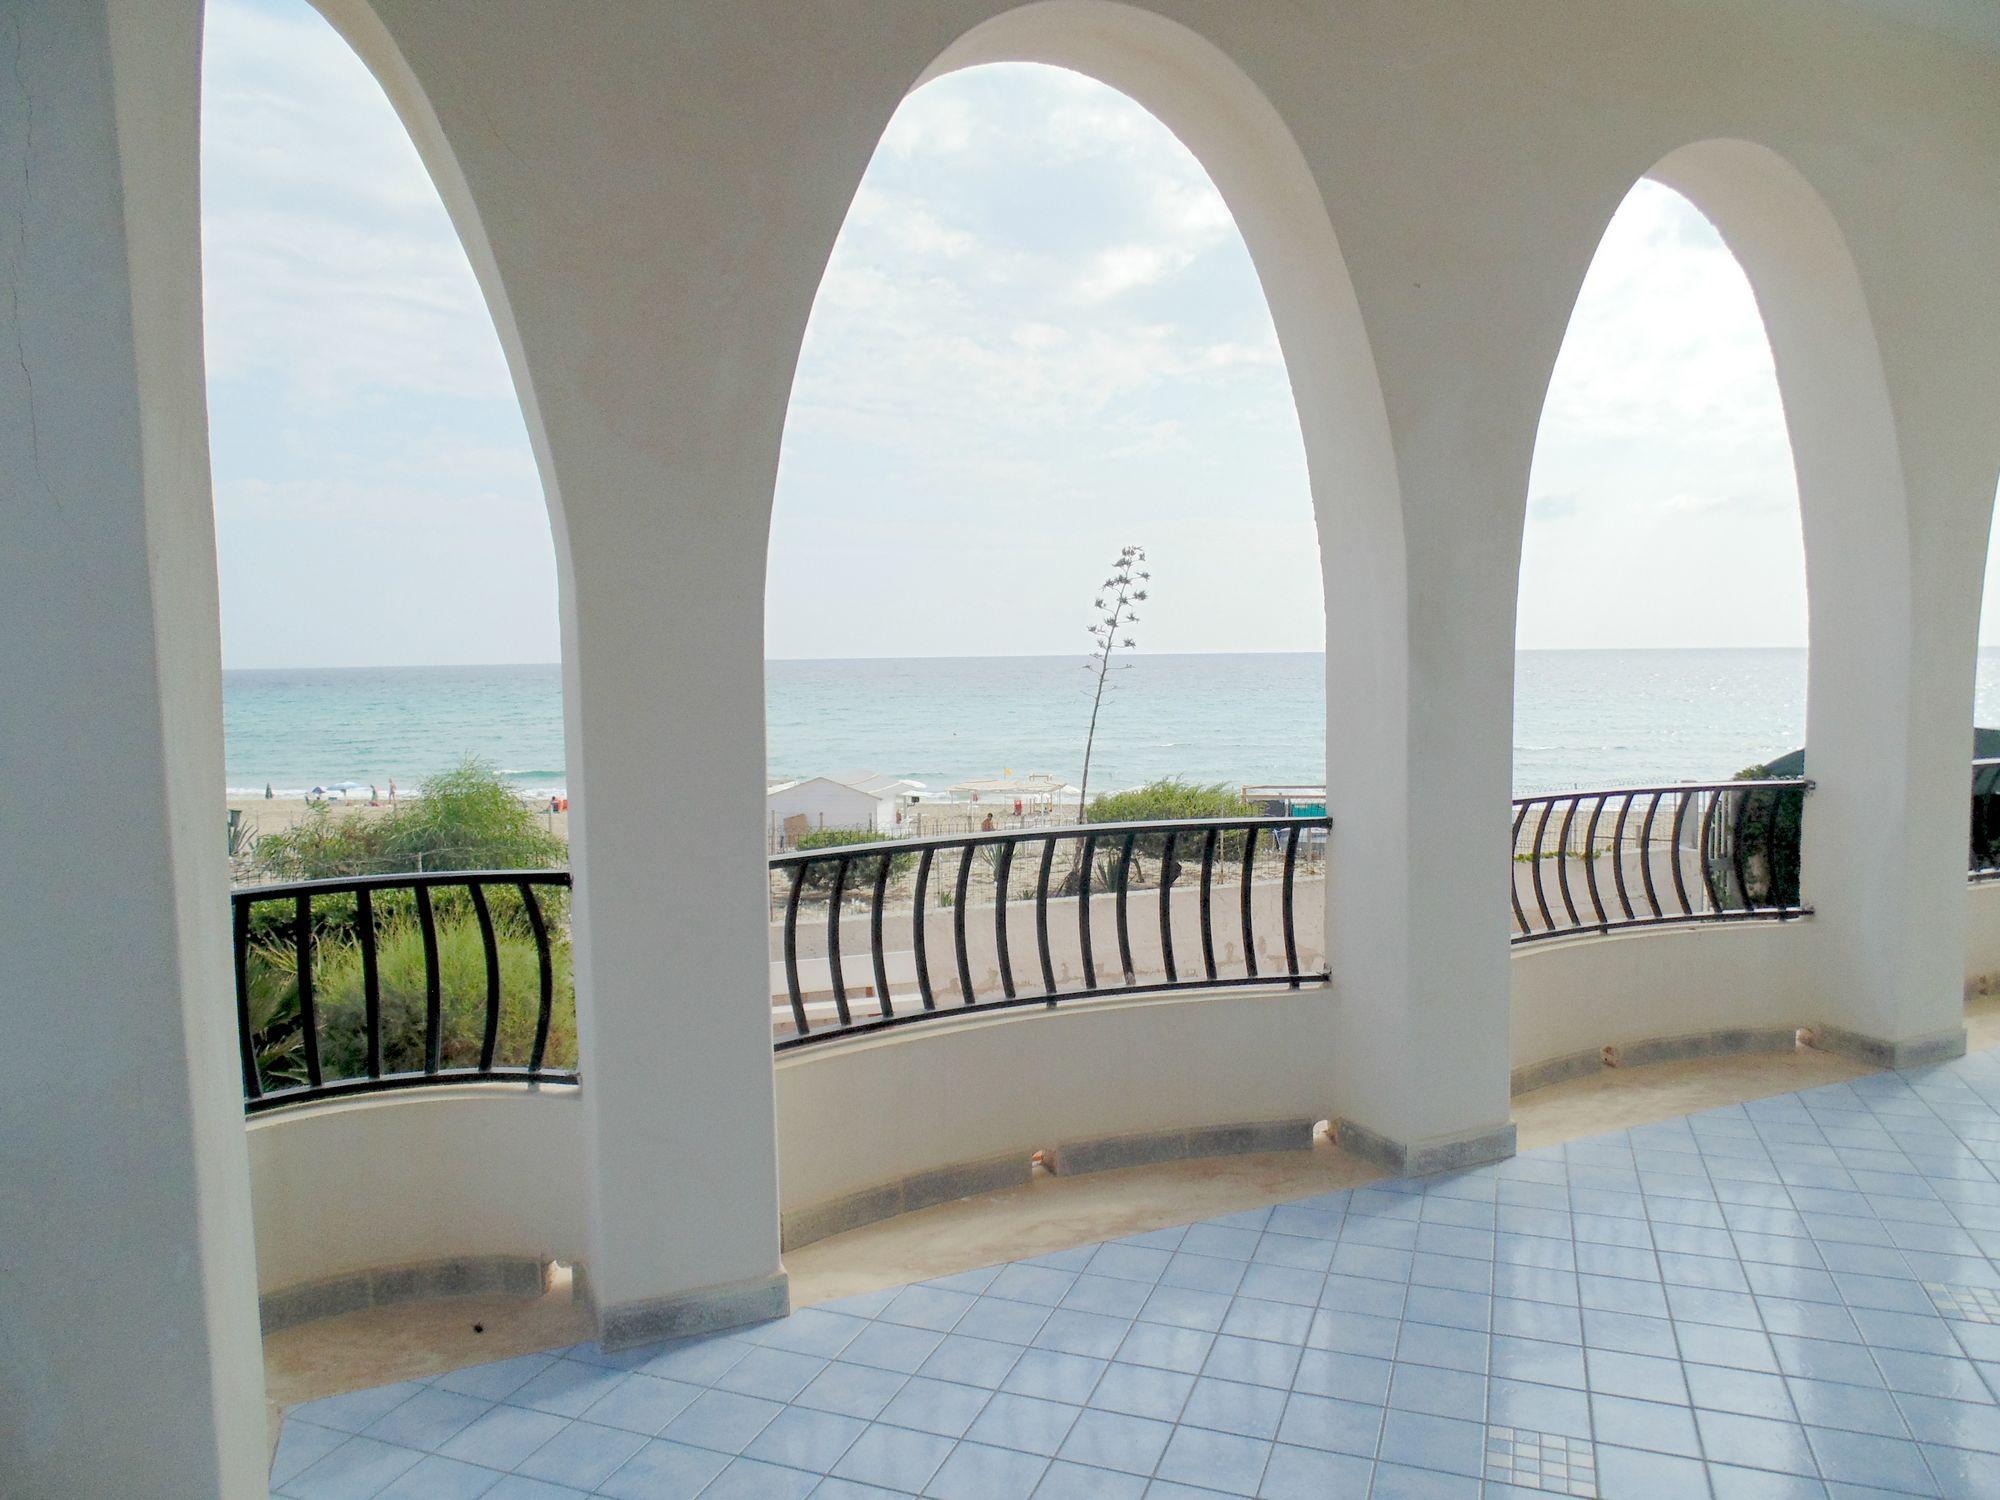 Villa fronte mare, unica nel suo genere, con grandi spazi esterni e vista spettacolare.  L